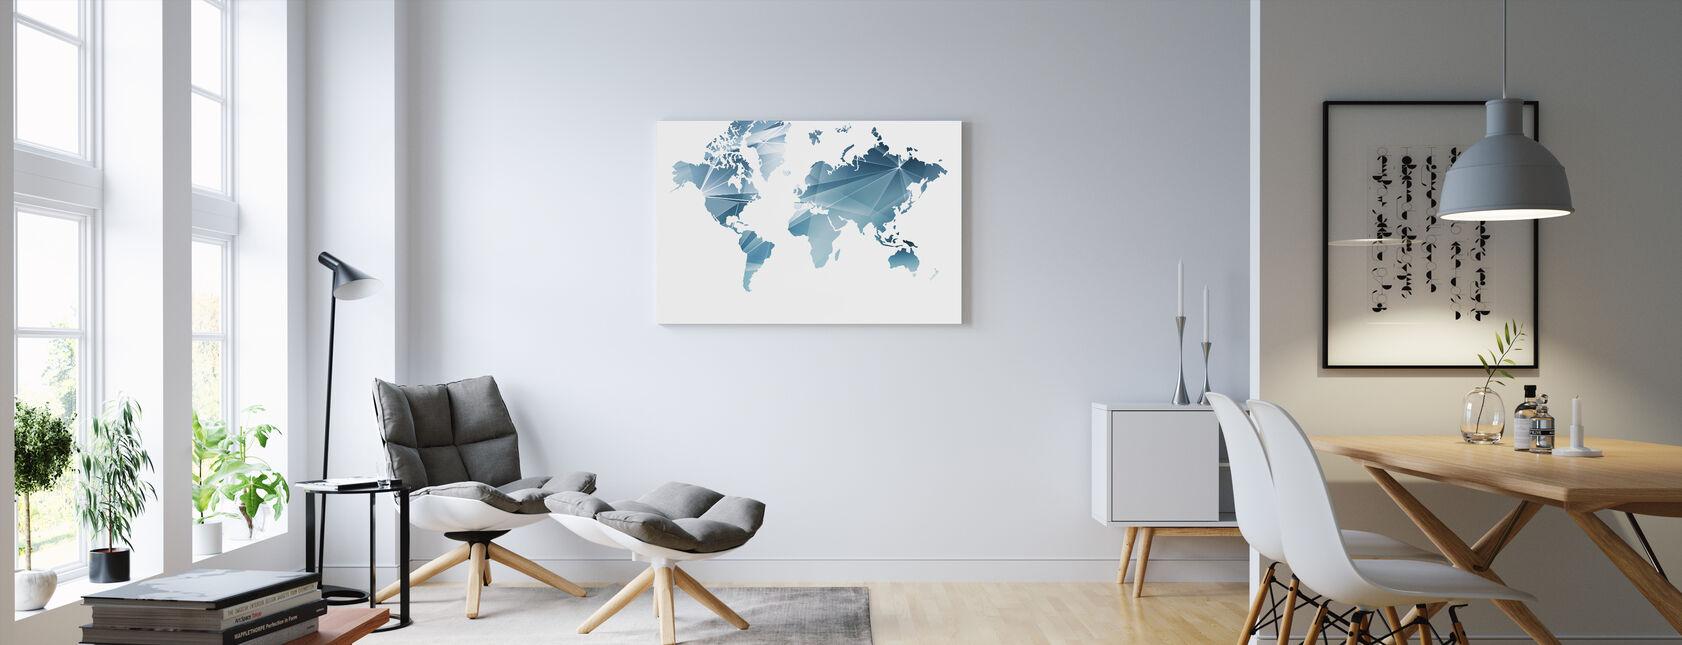 Carte du monde du concept géométrique - Impression sur toile - Salle à manger